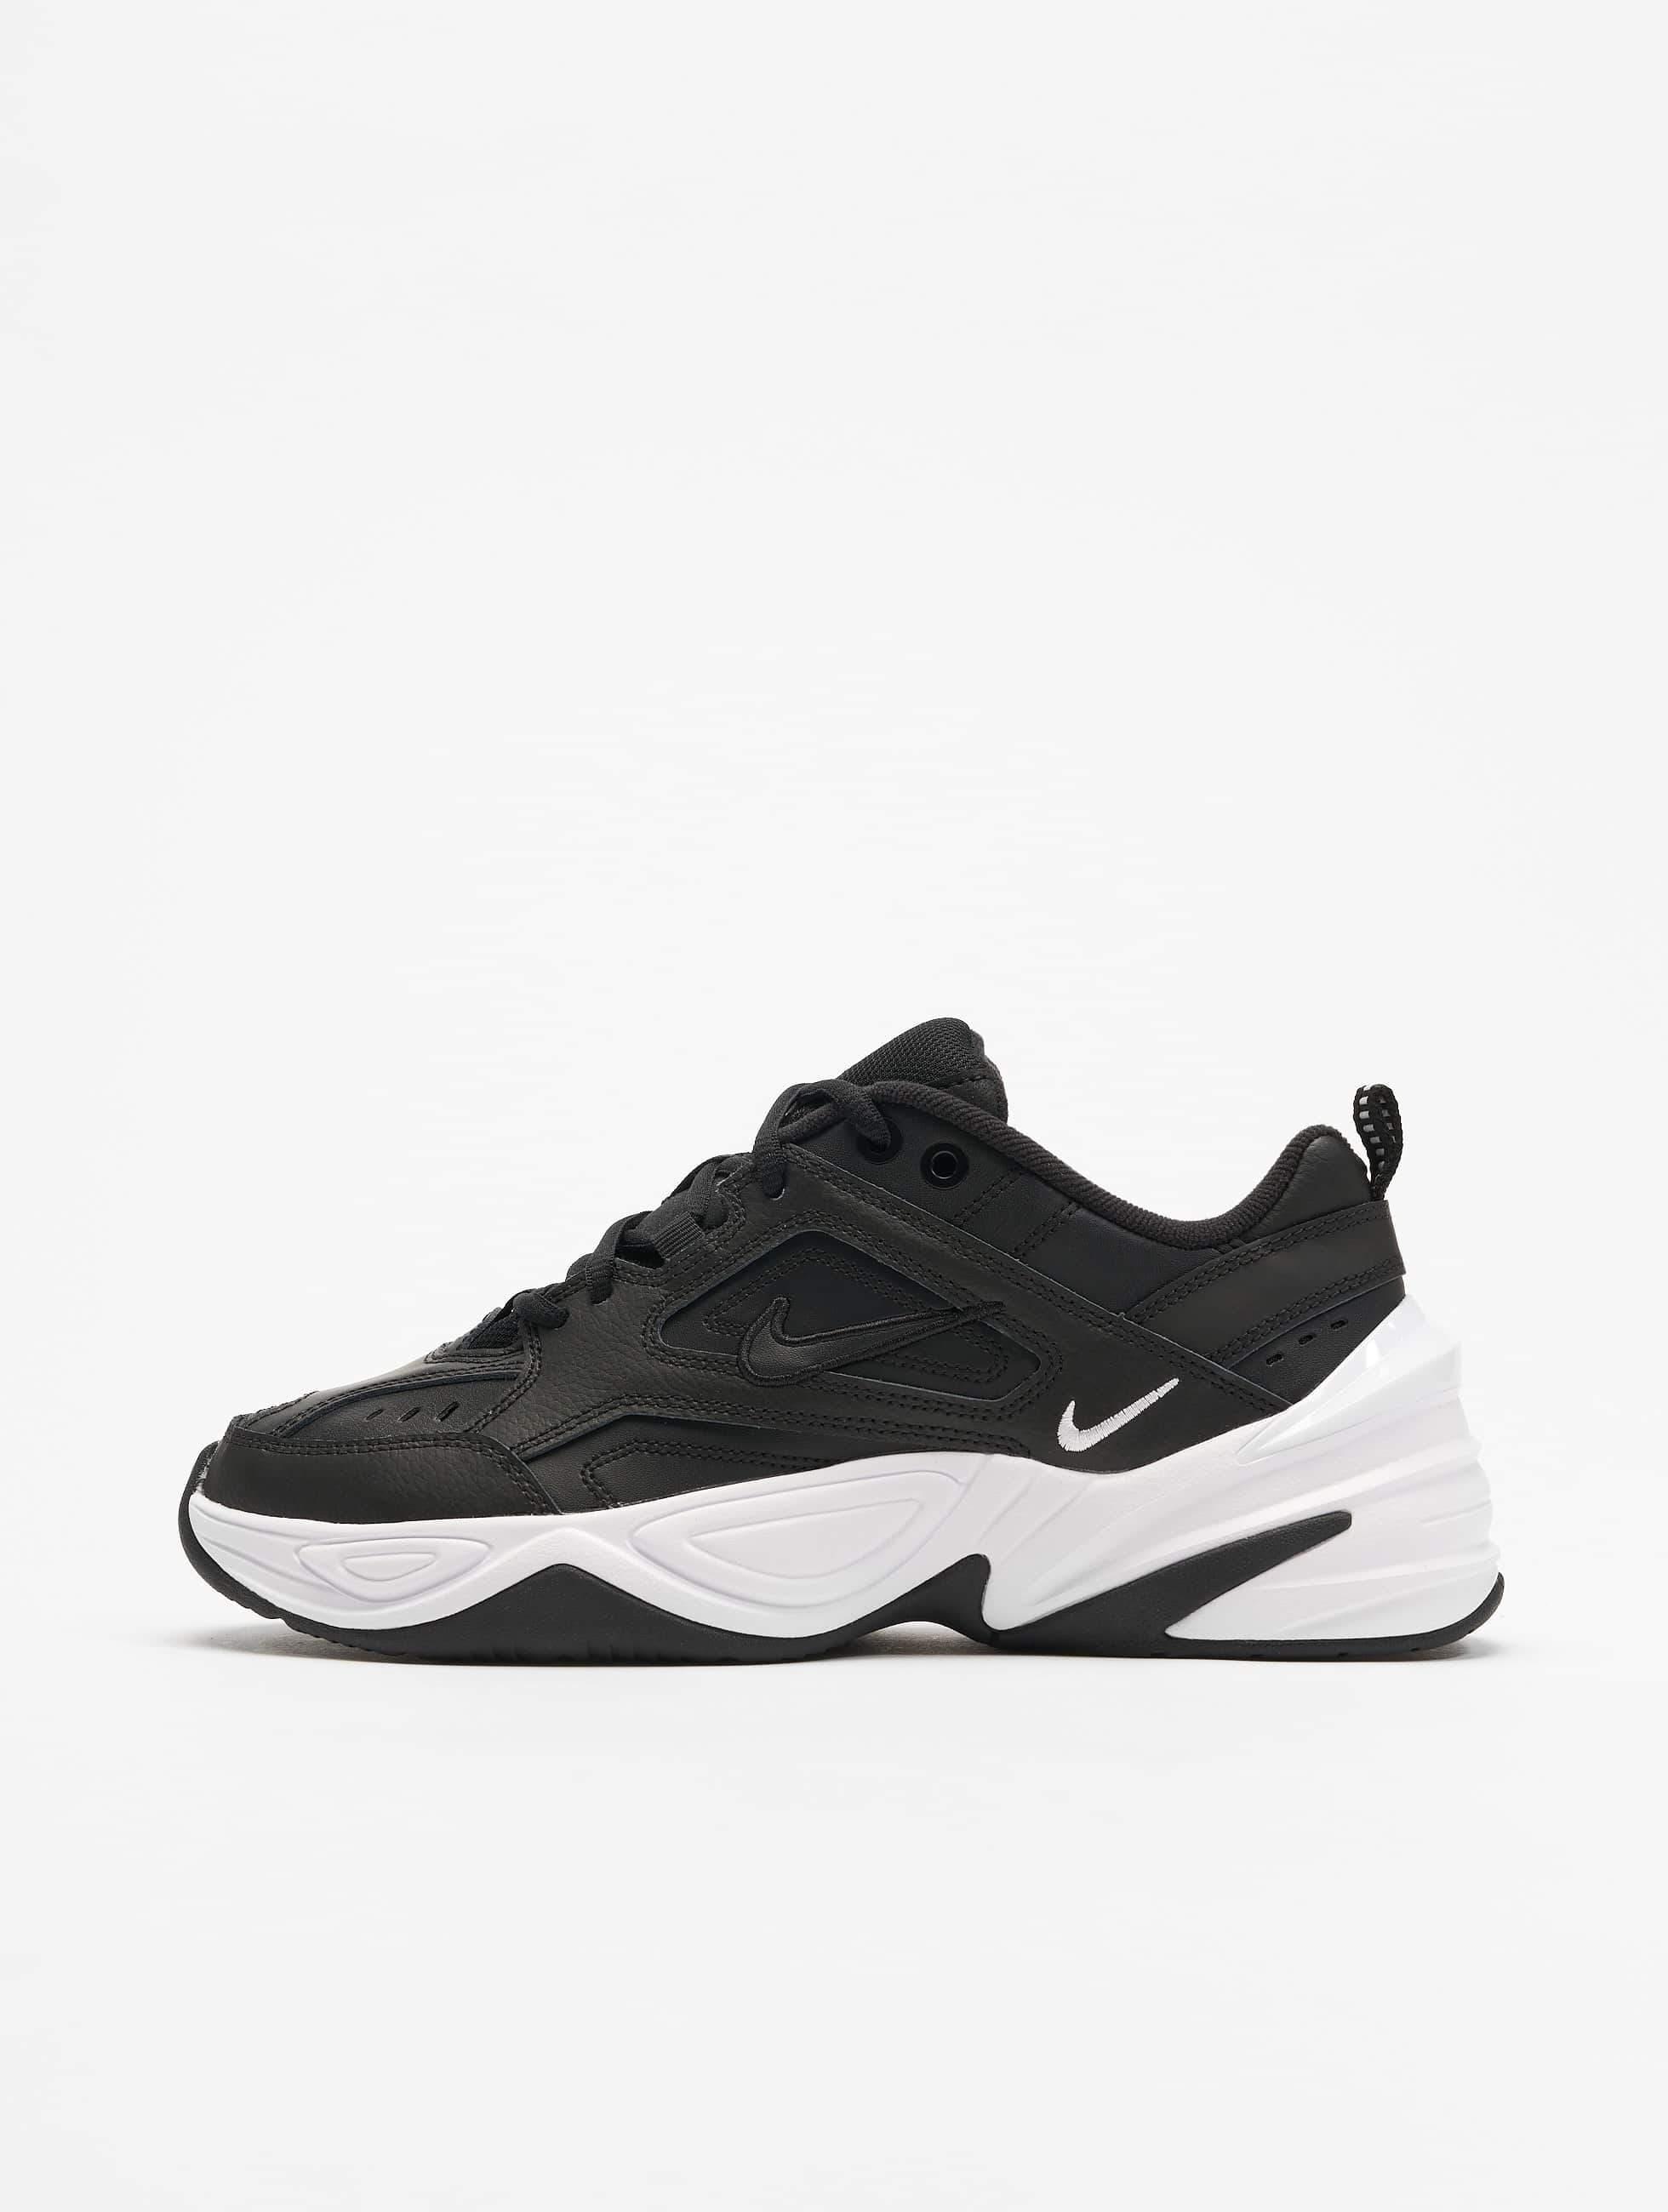 33720461883 Nike schoen / sneaker M2k Tekno in zwart 539295